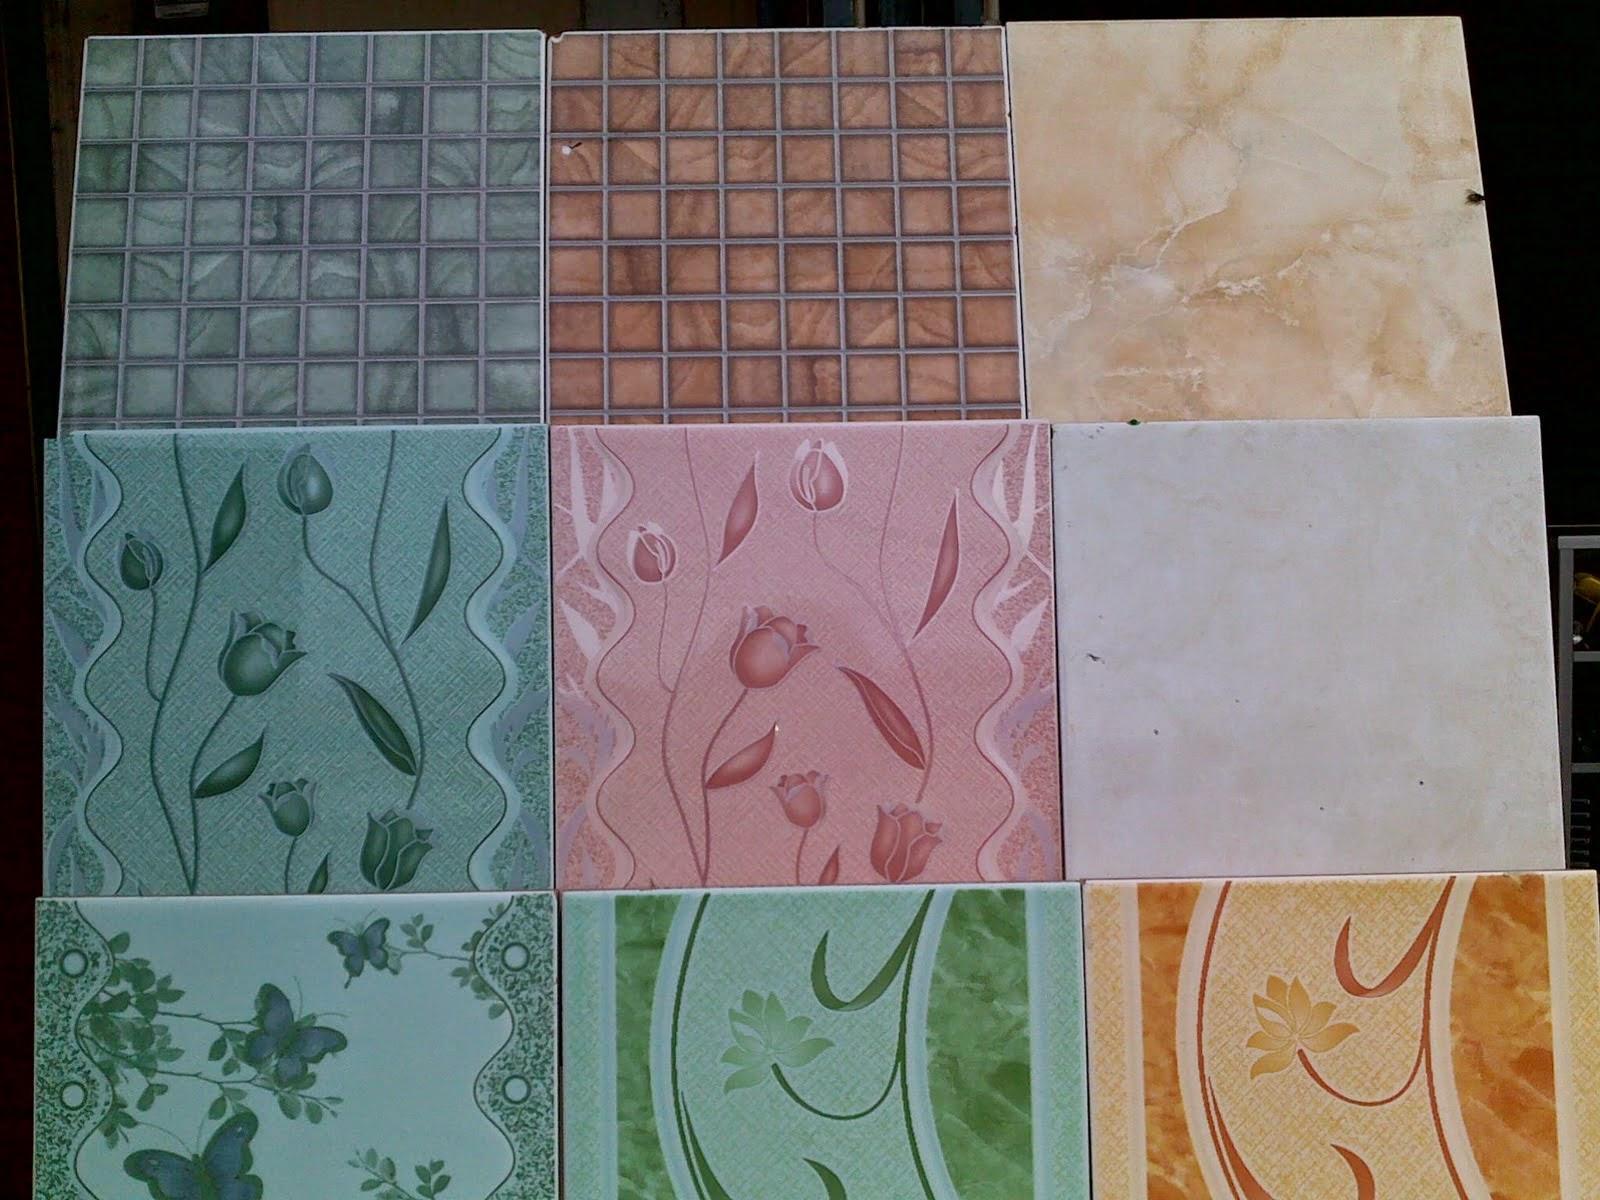 Desain Keramik Untuk Lantai